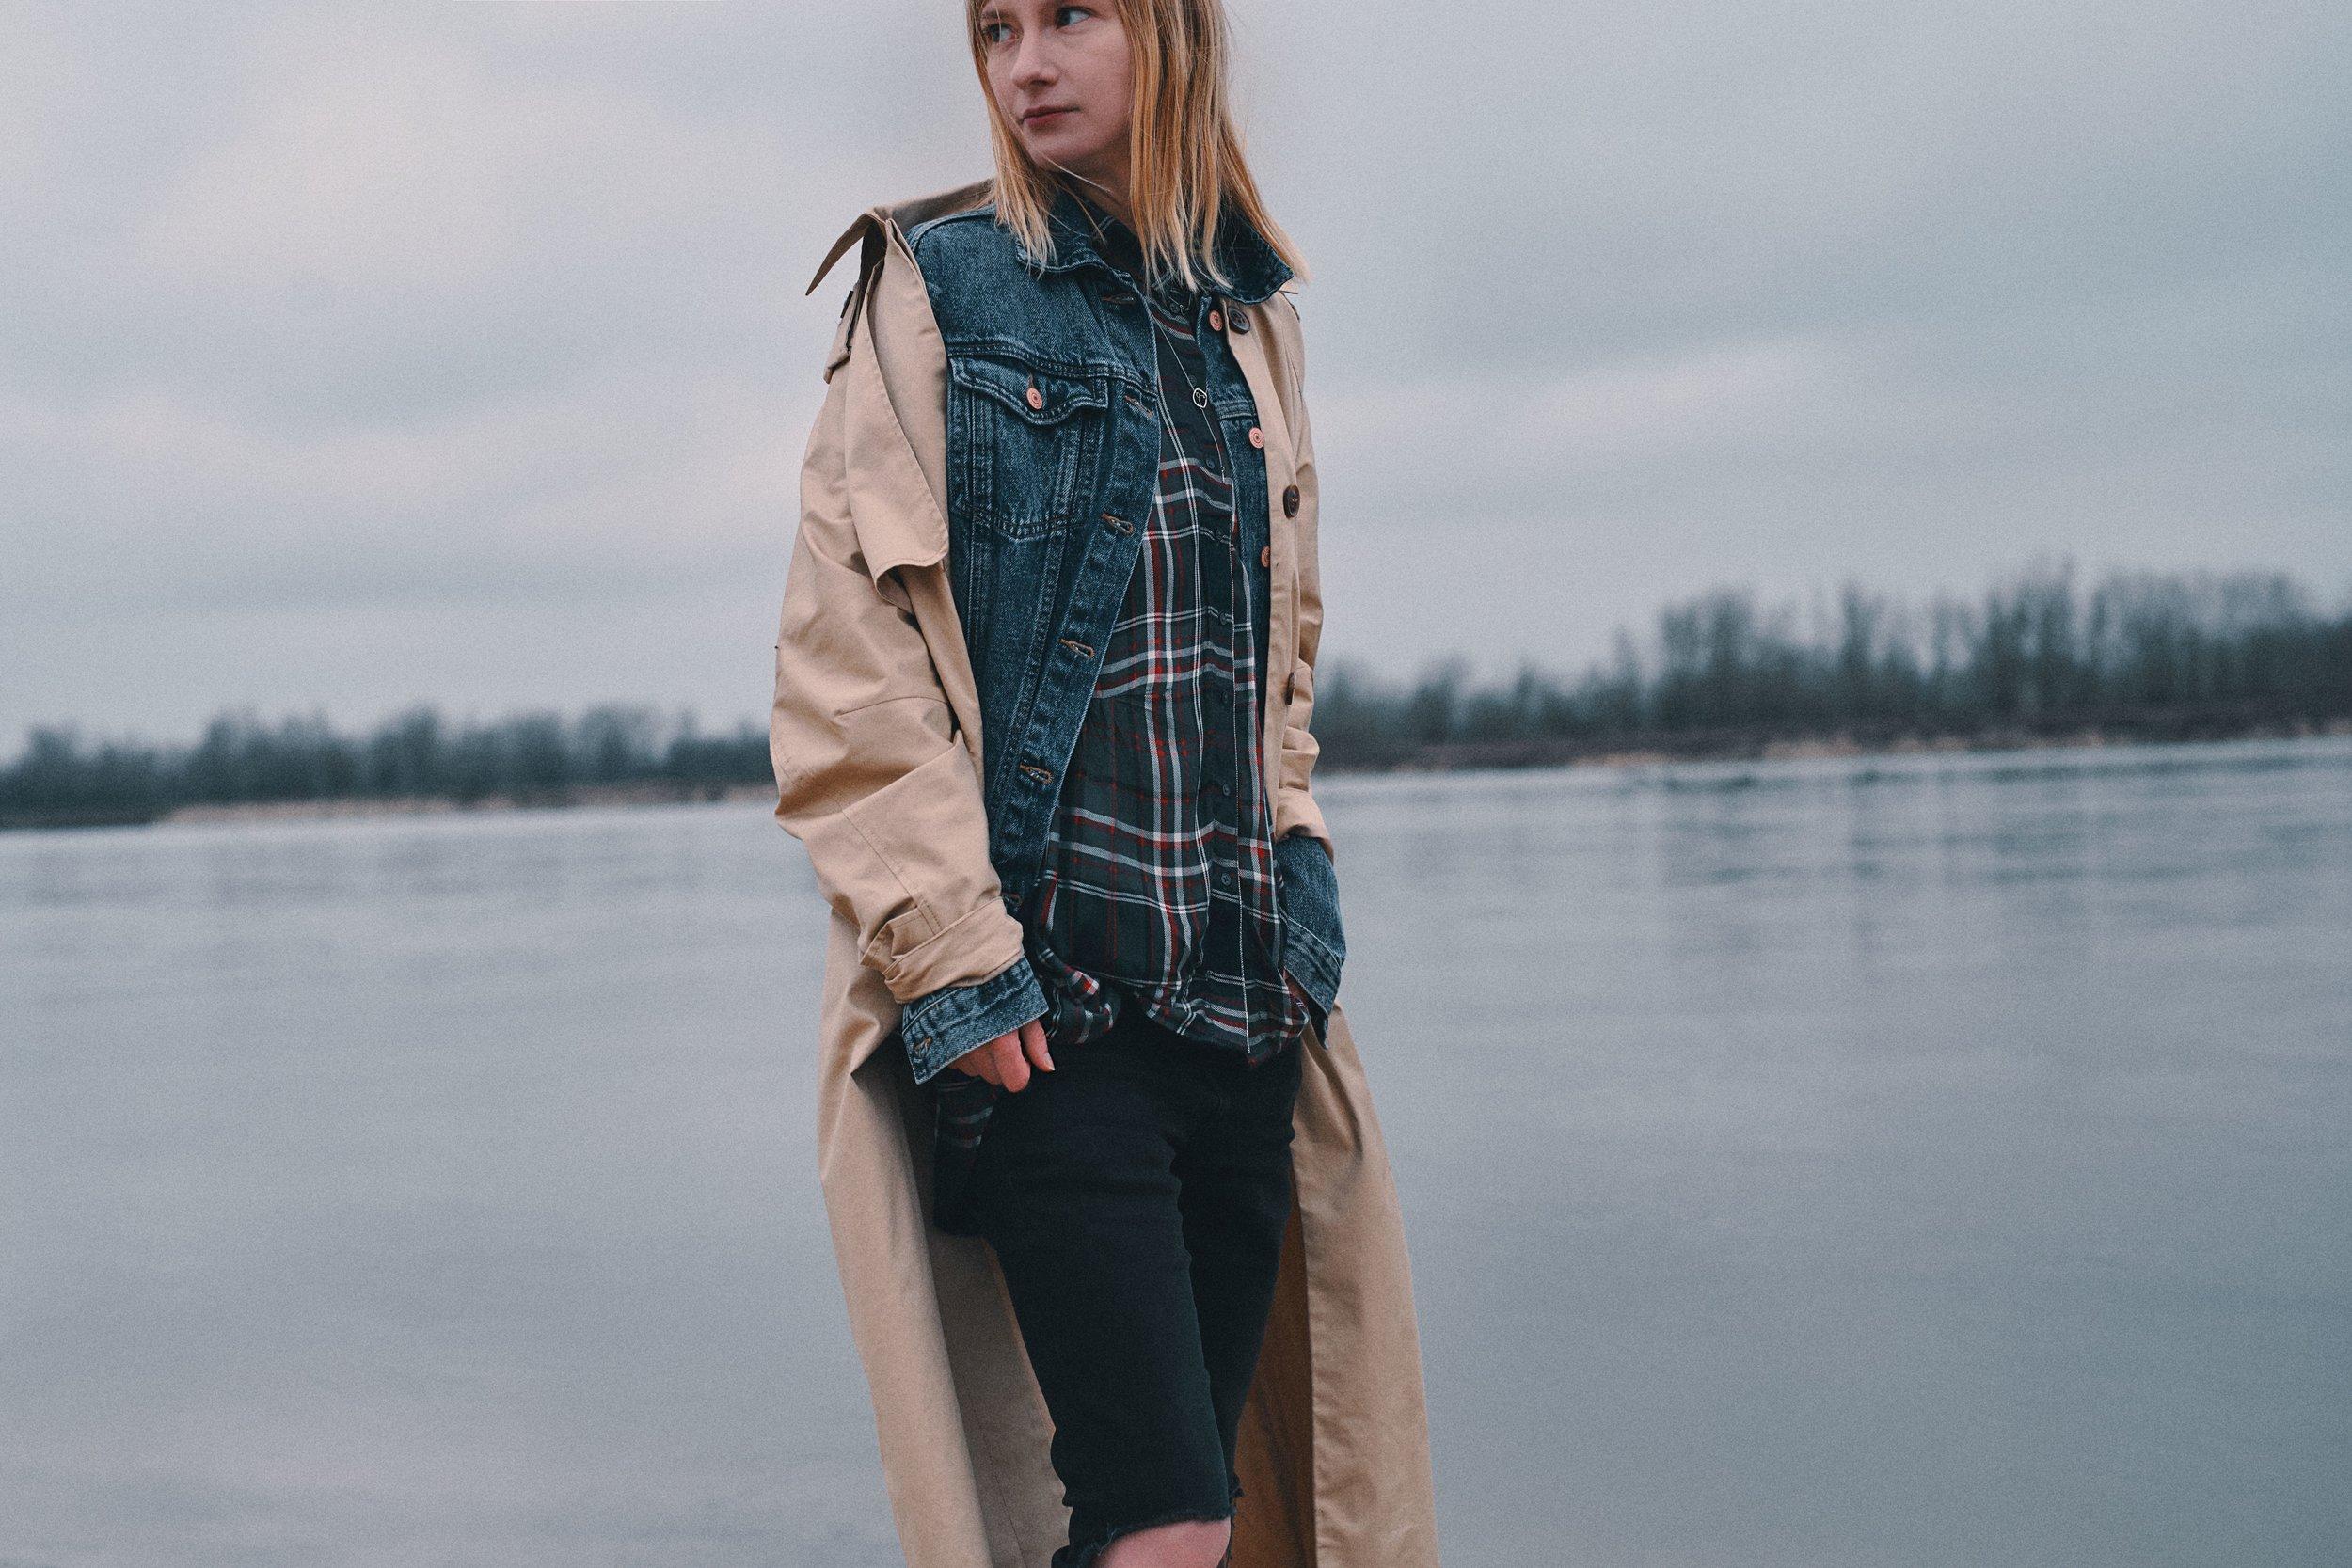 Agata_Karczewska (c) Łukasz_Kuś